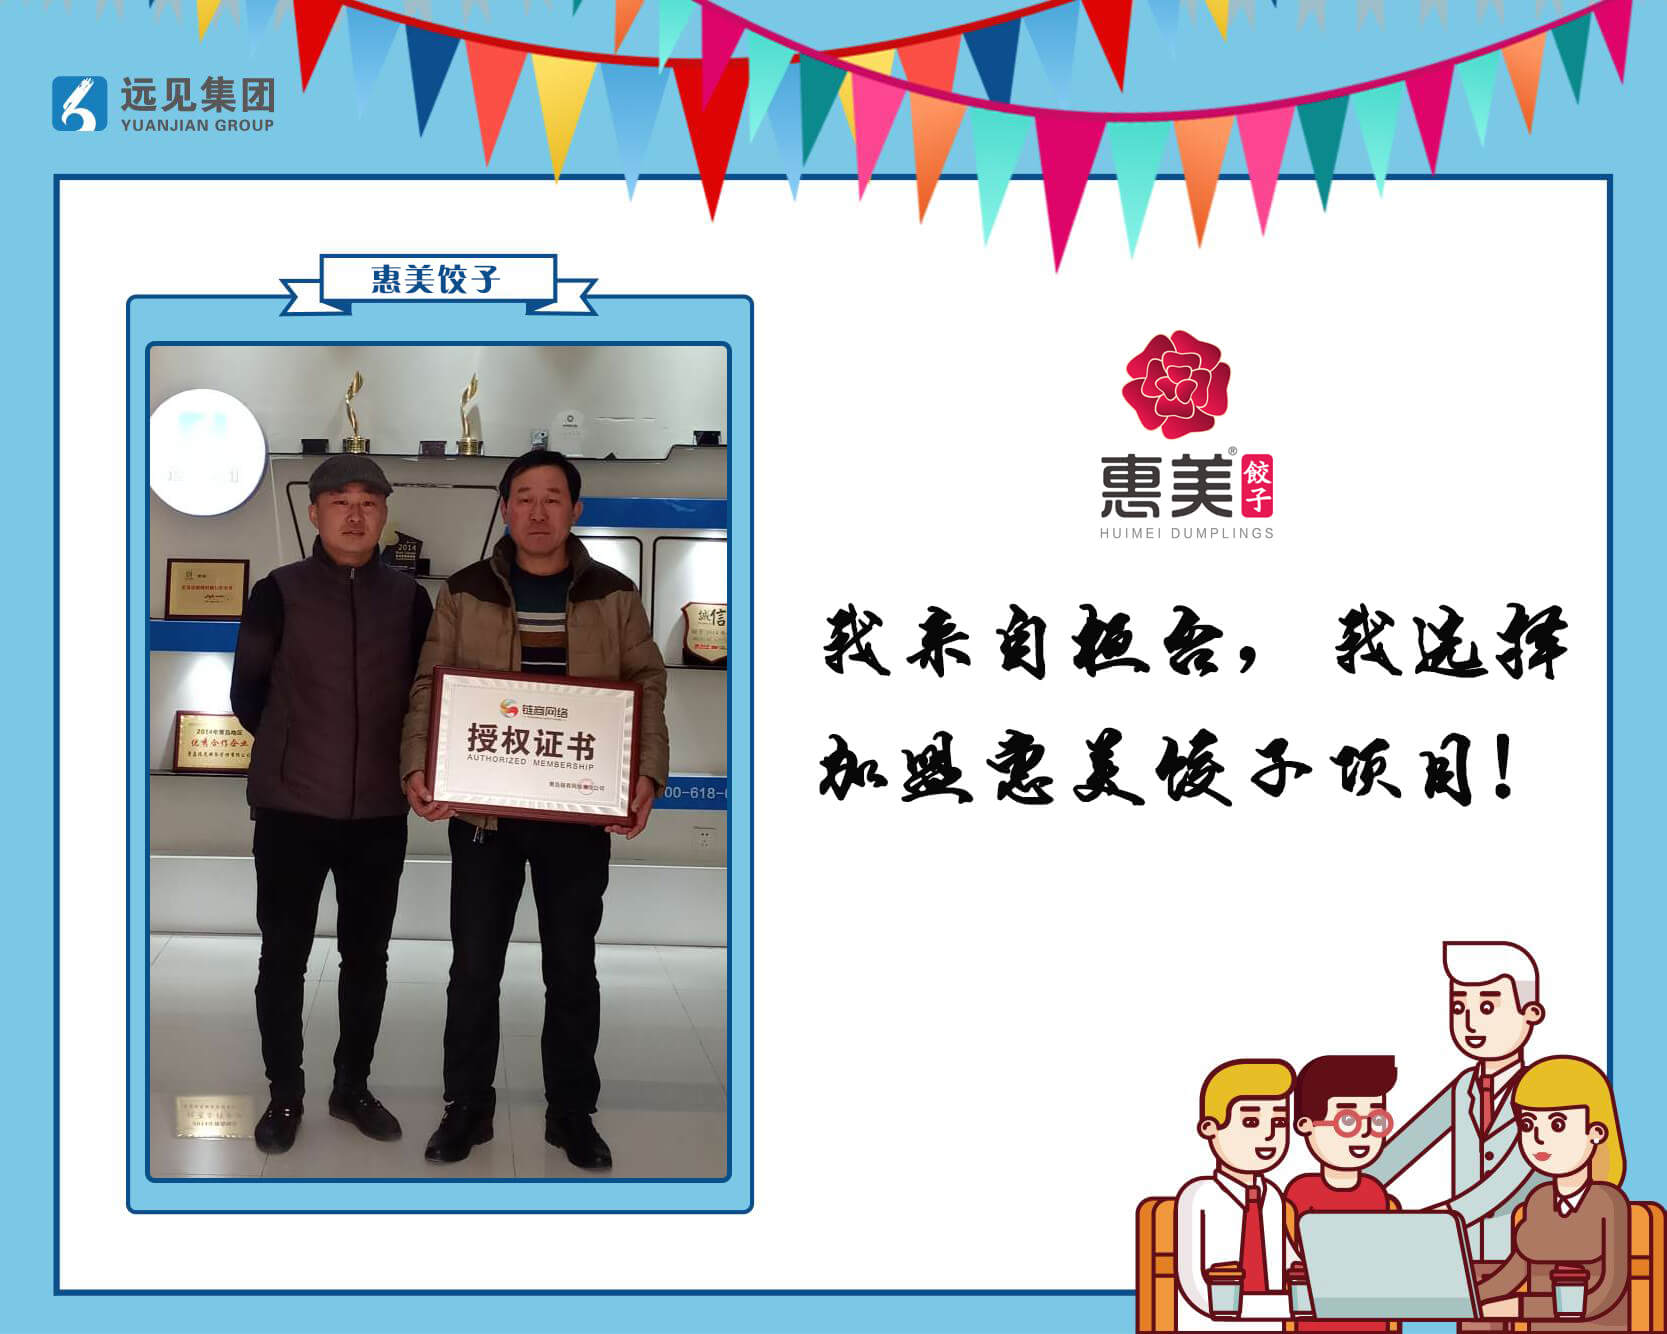 惠美饺子加盟商合影2